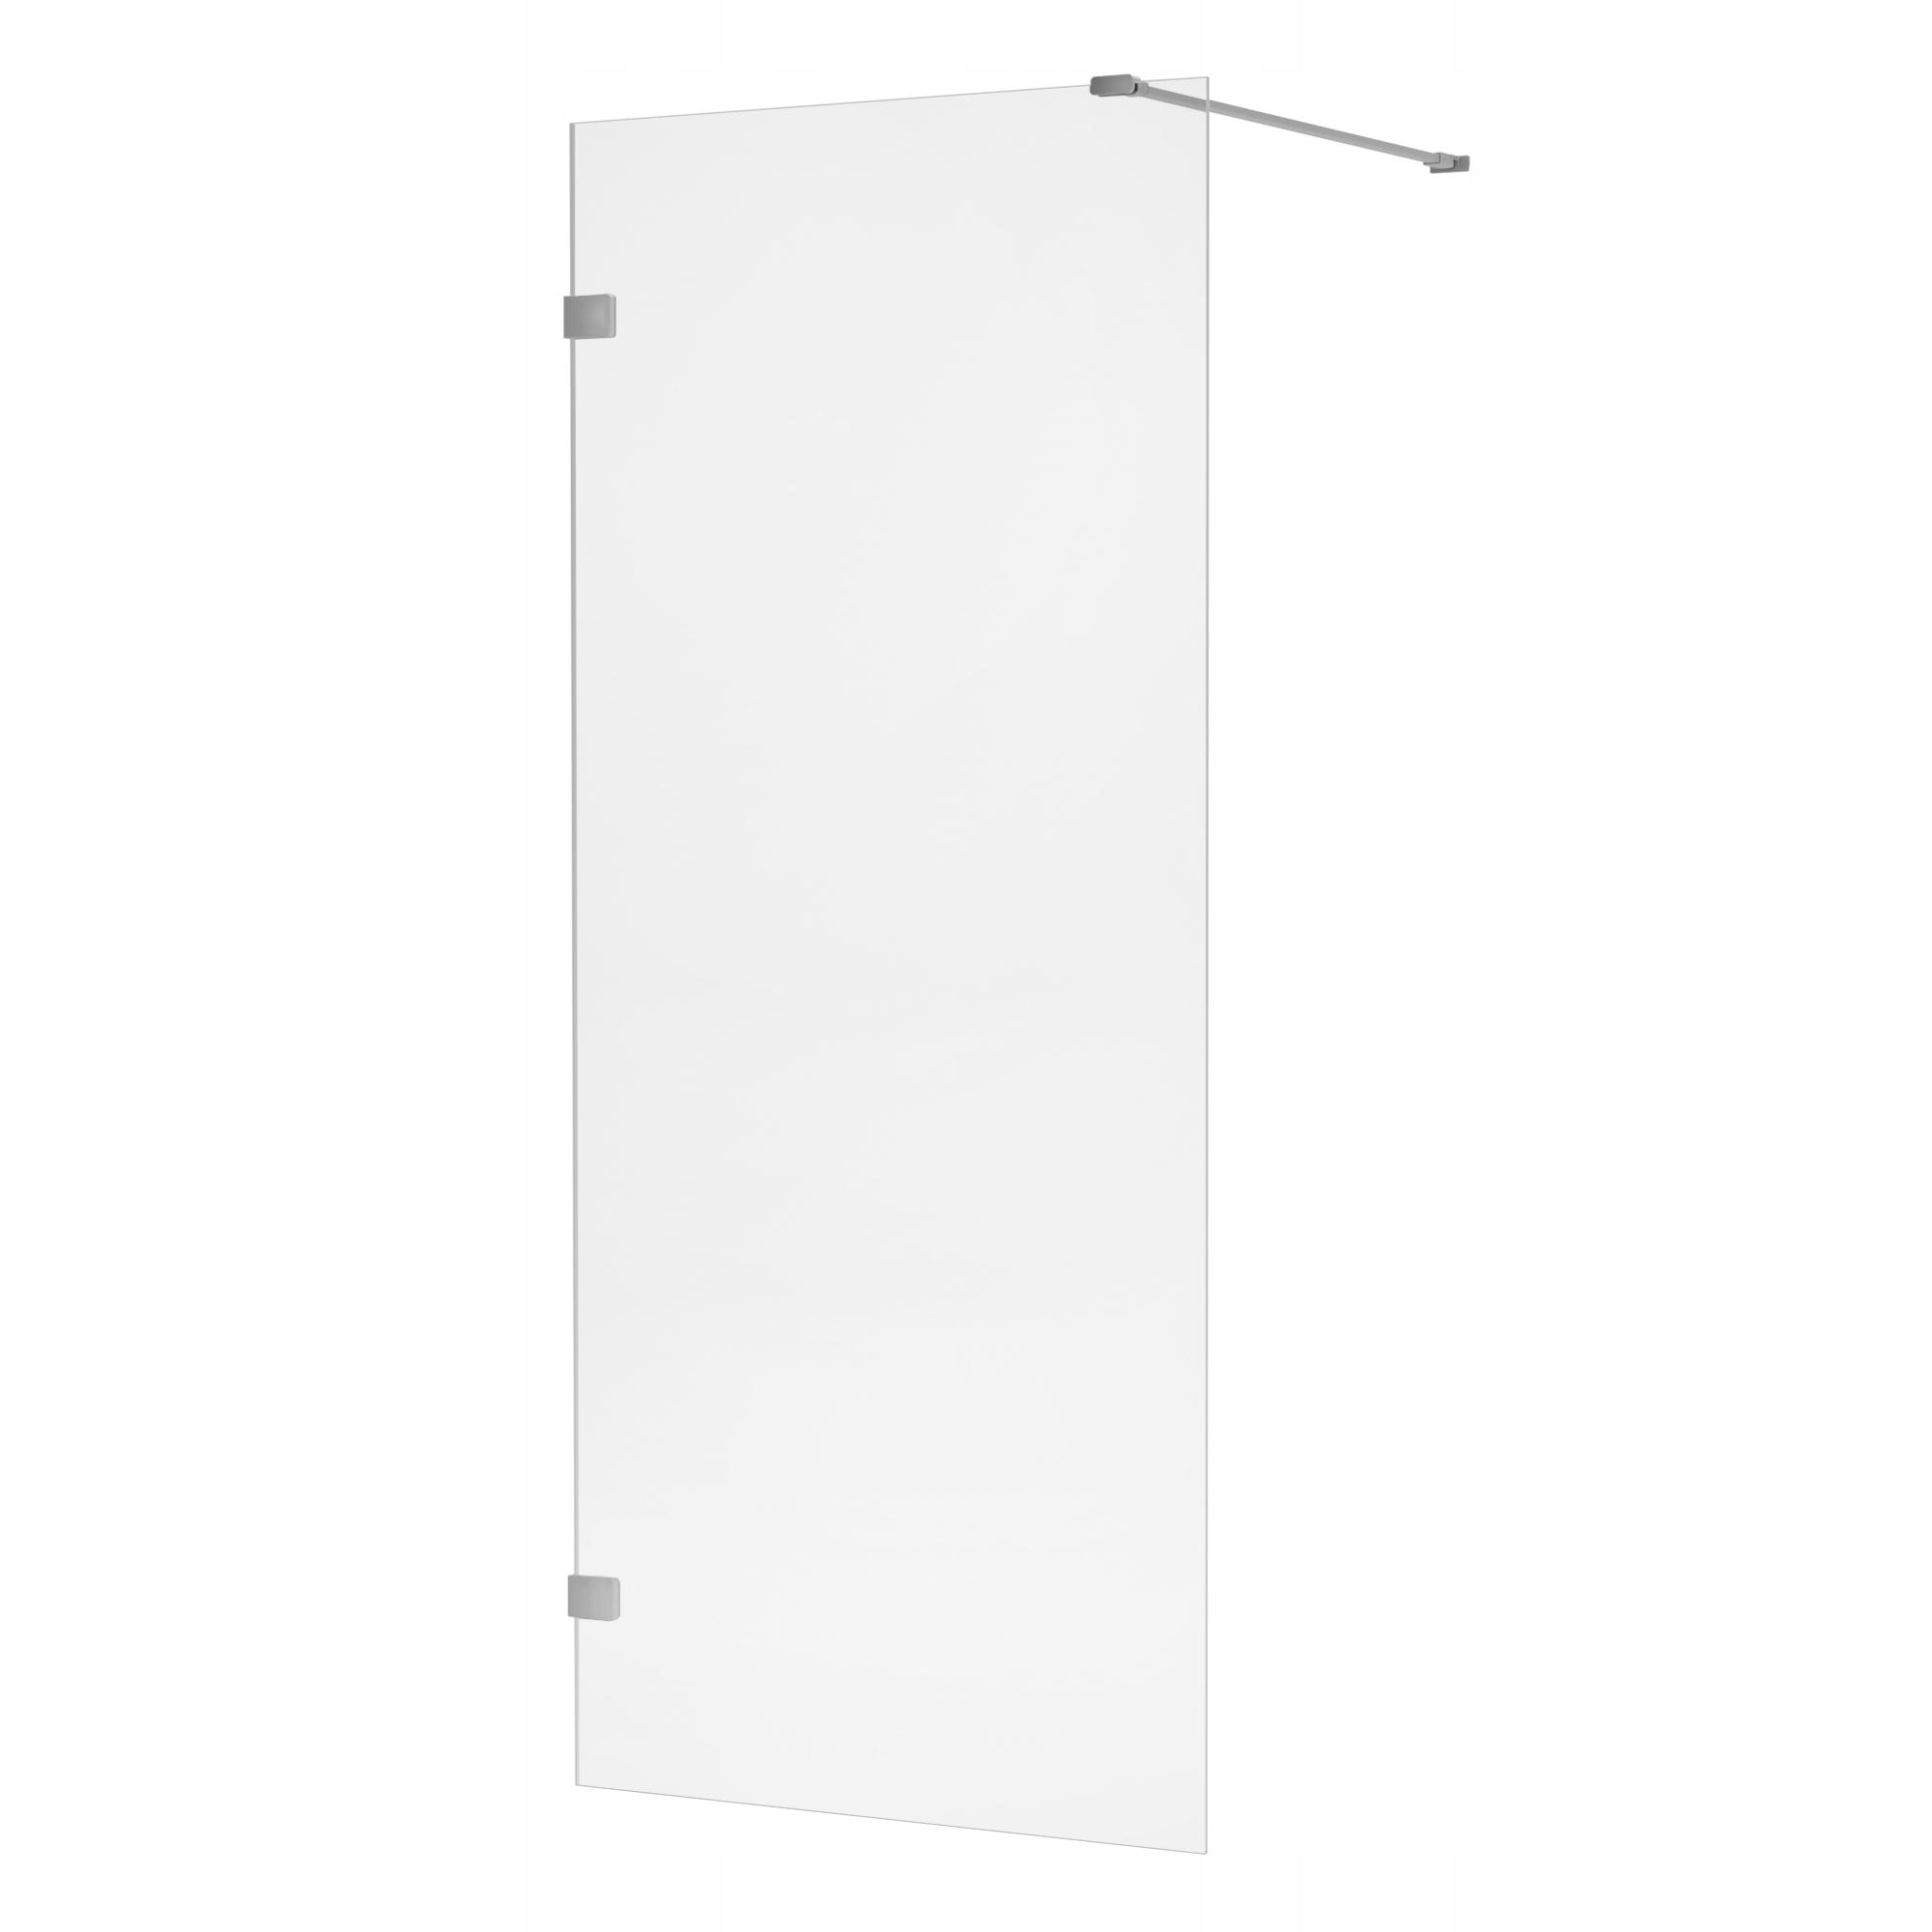 Vstúpte do sprchovacieho kúta EVENTA 100 x 200 cm $